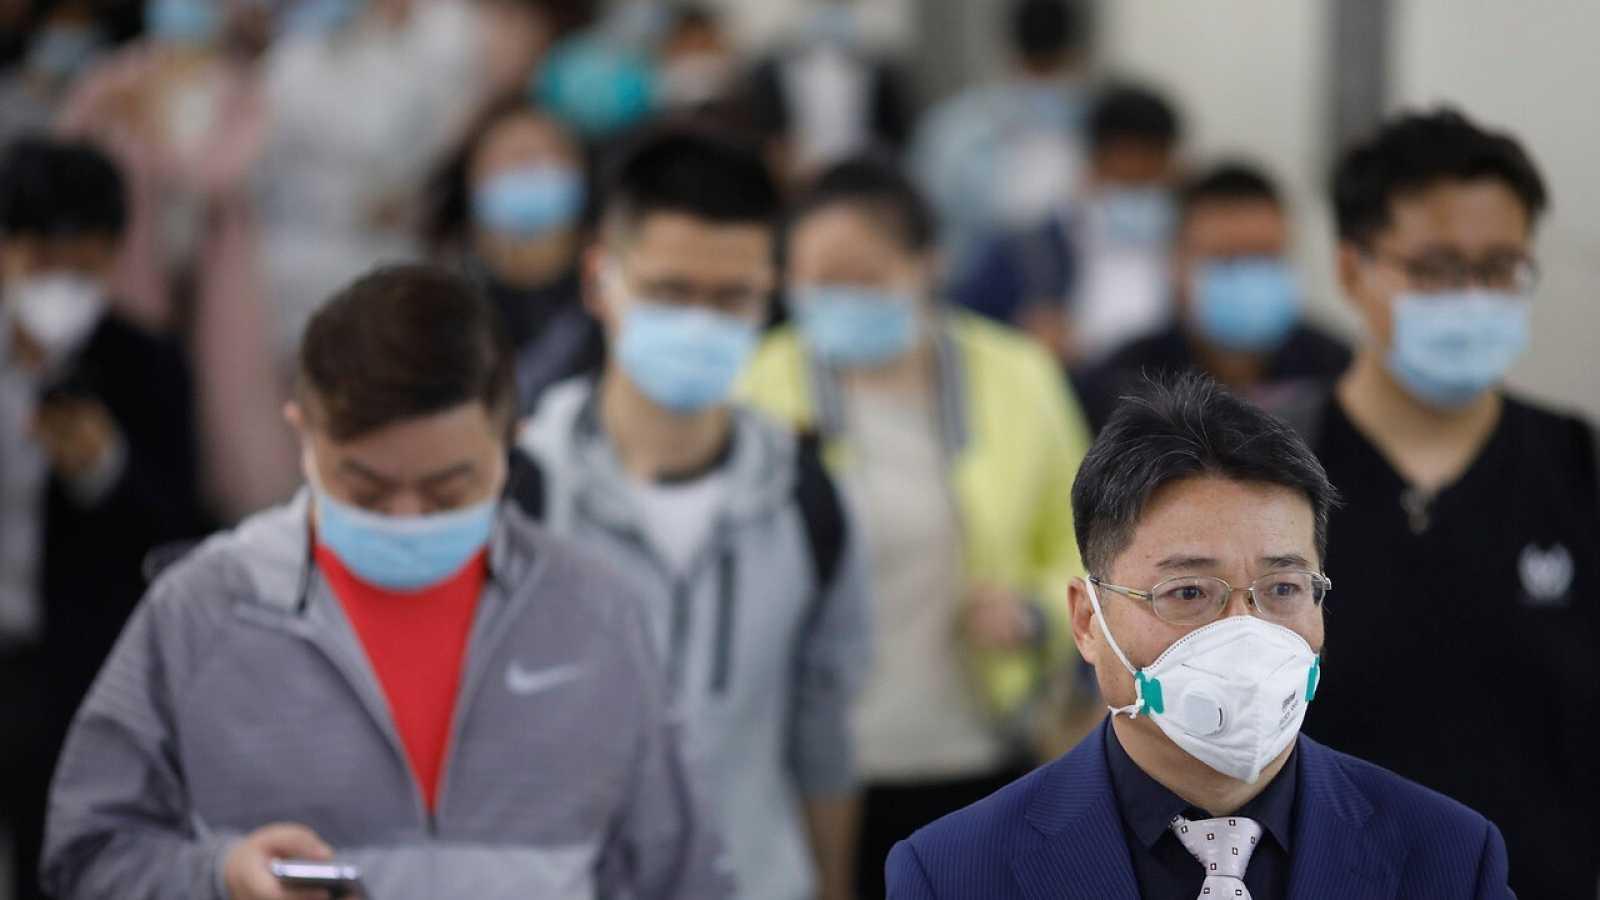 Una multitud de personas con mascarillas en el metro de Pekín